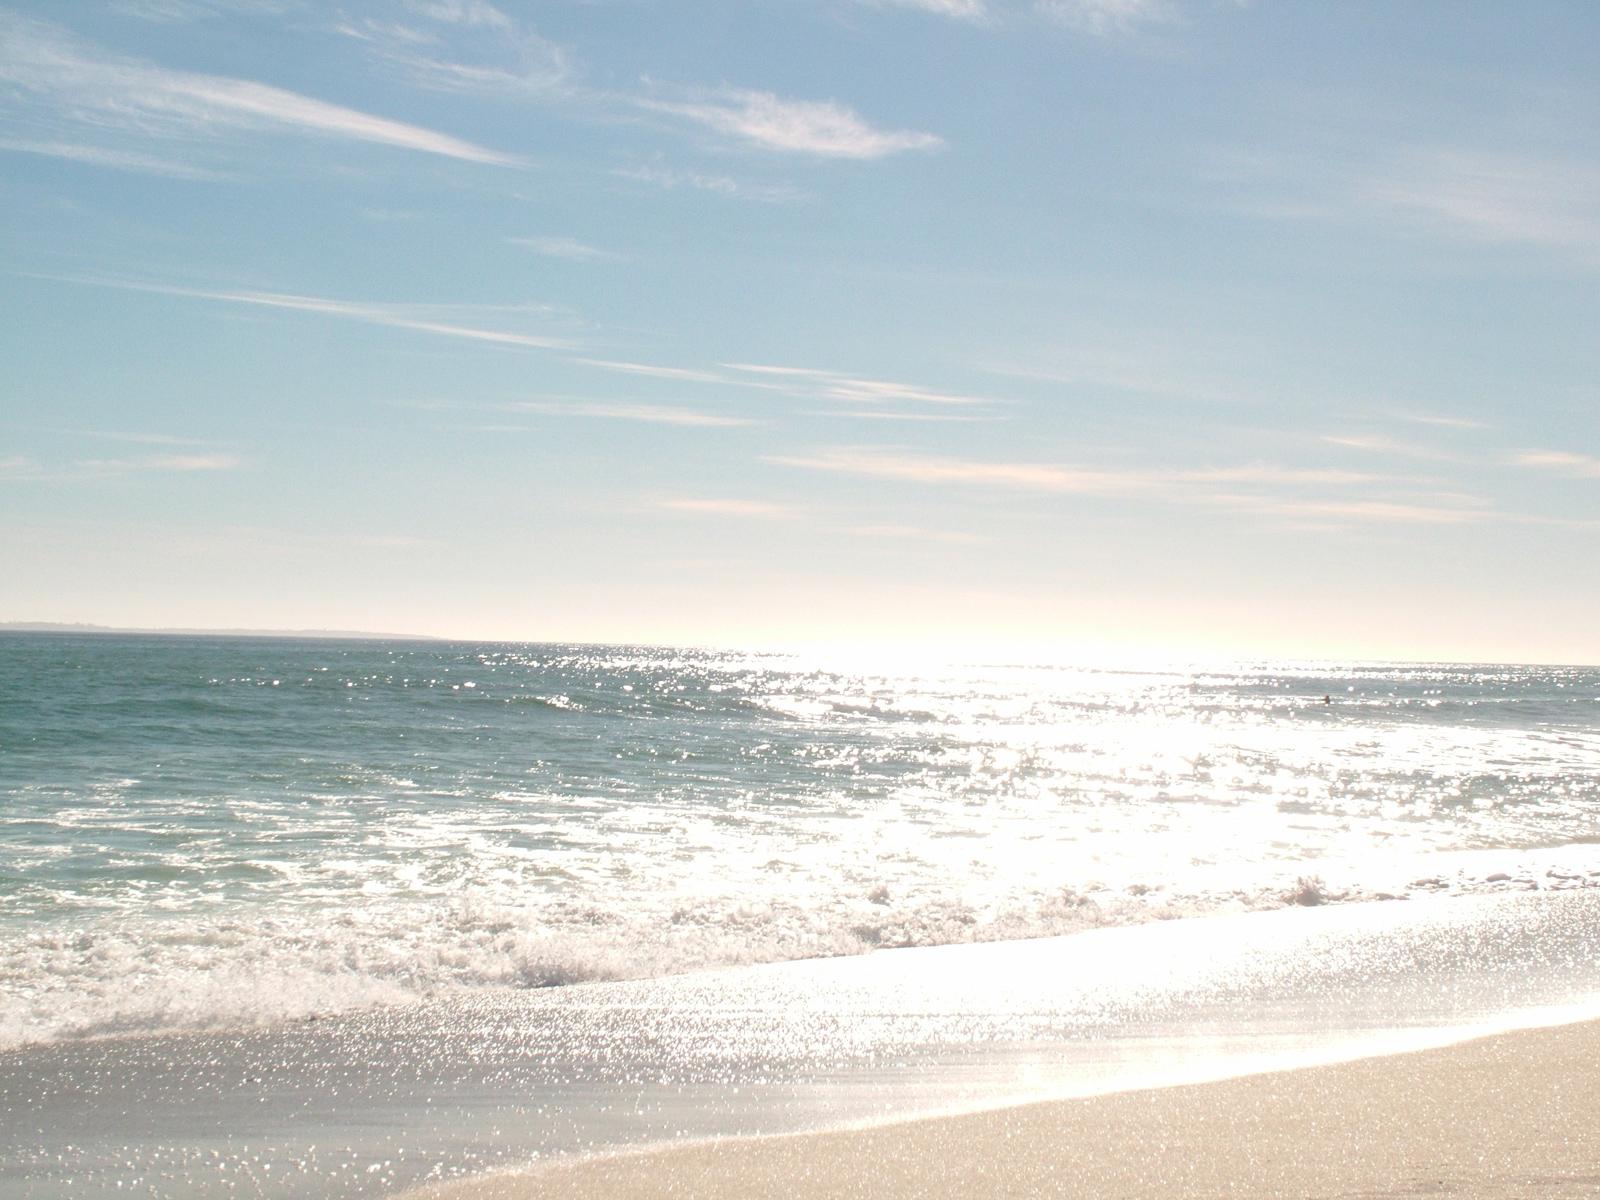 Download desktop wallpaper Ocean Beach 1600x1200